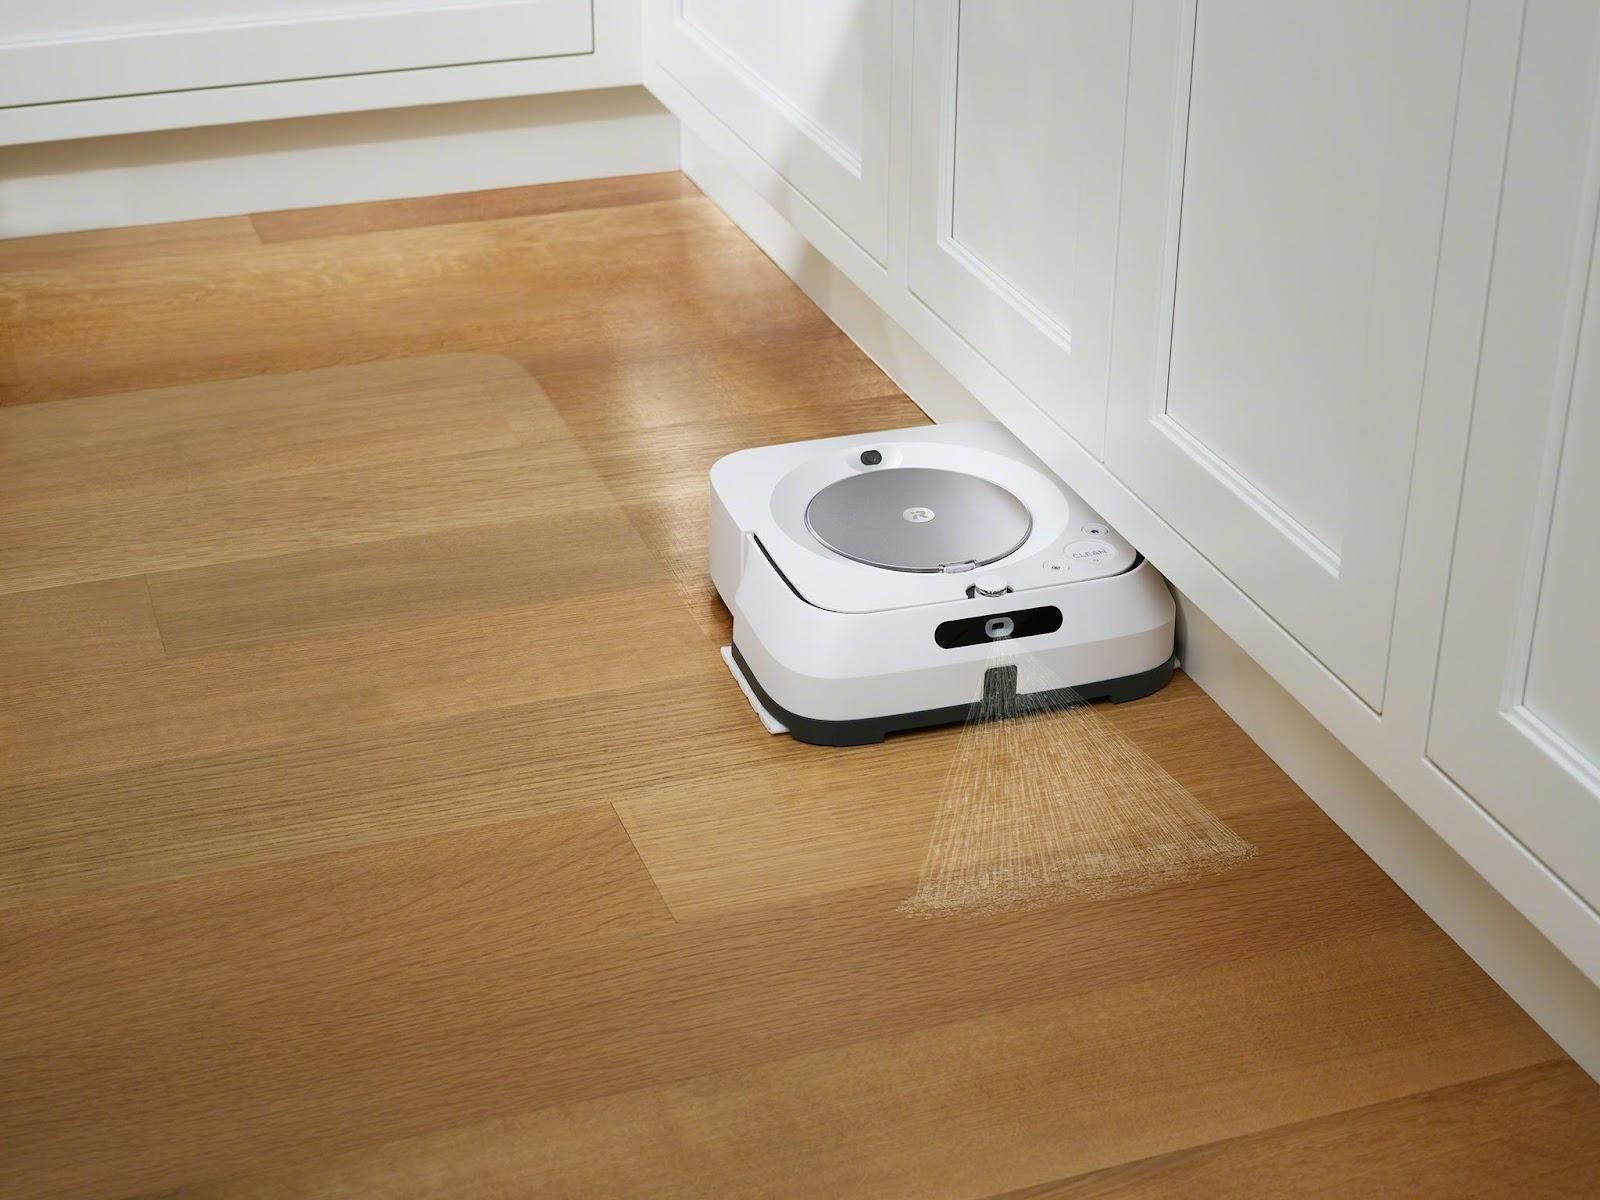 iRobot apresenta os novos Roomba s9+ e Braavajet m6, os robots mais avançados da marca 4